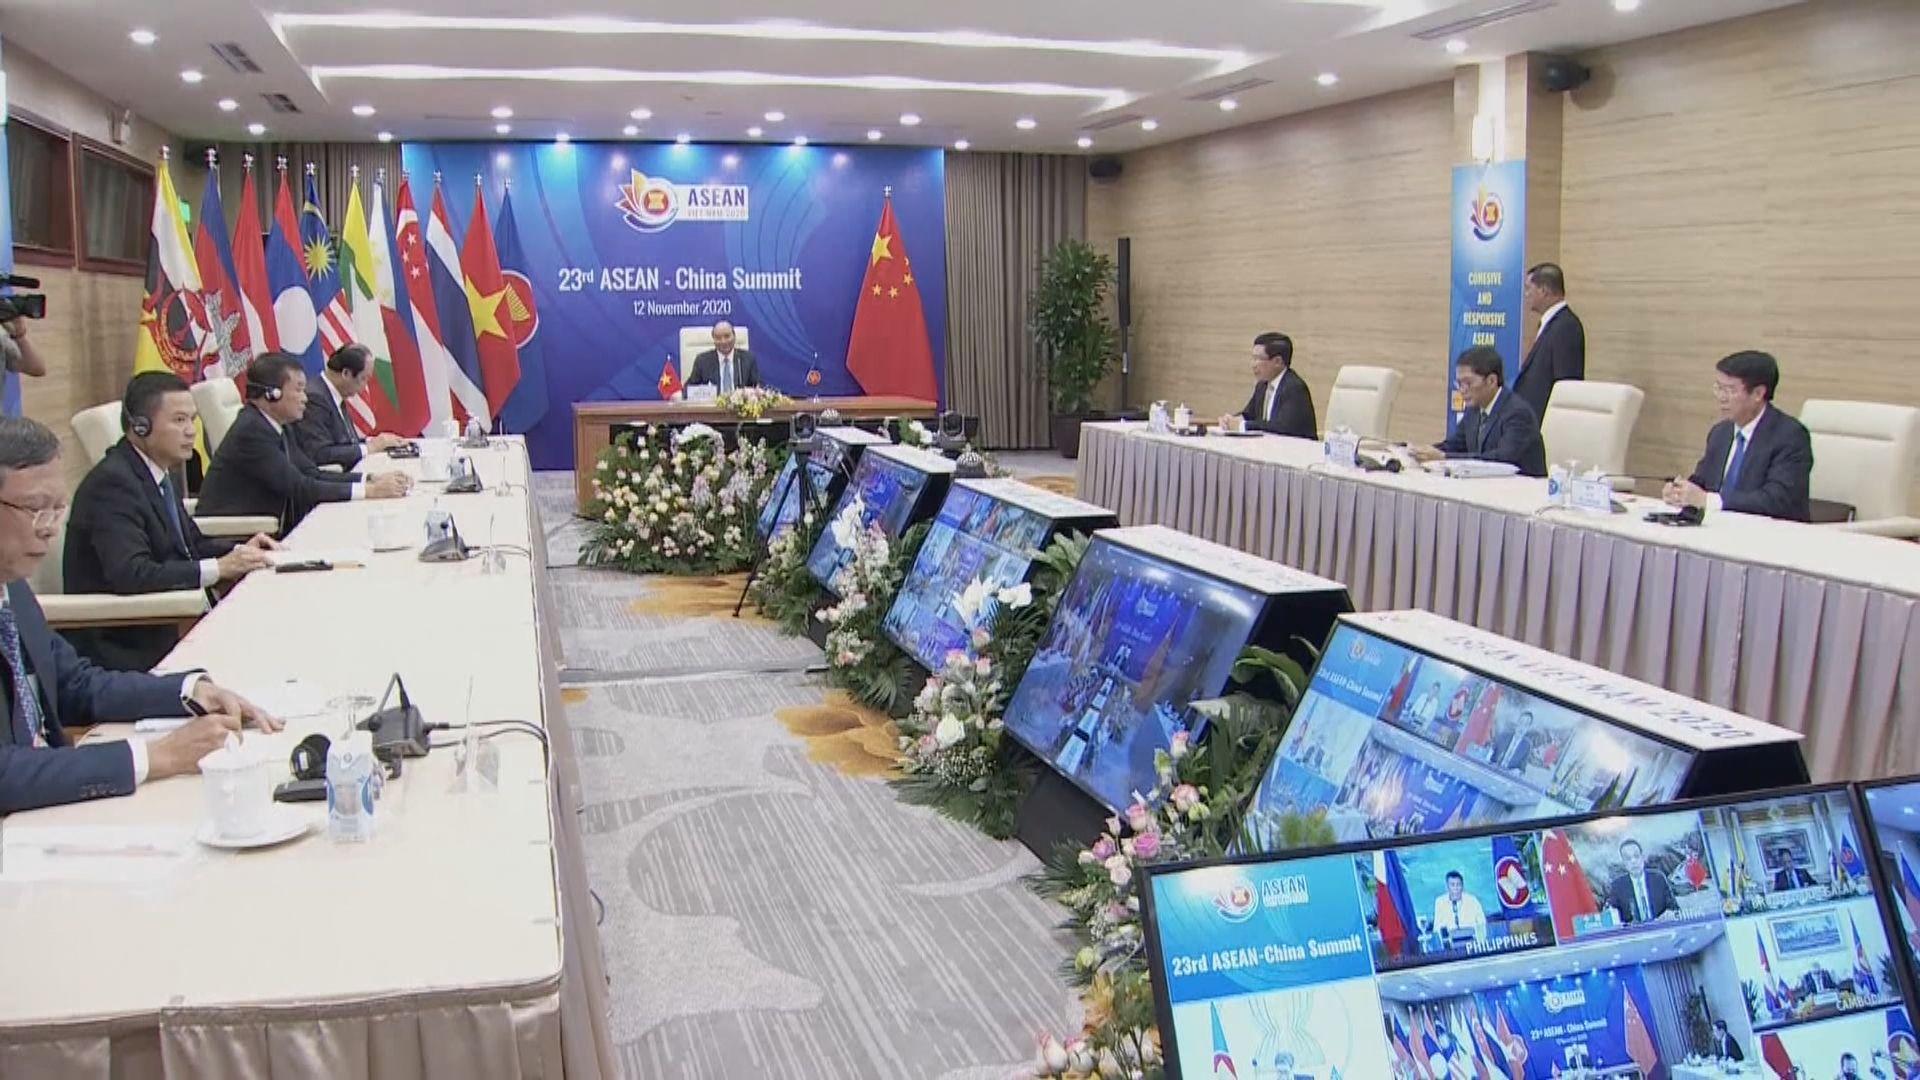 李克強指東盟為中國最大貿易夥伴 雙方要堅持和平互利合作